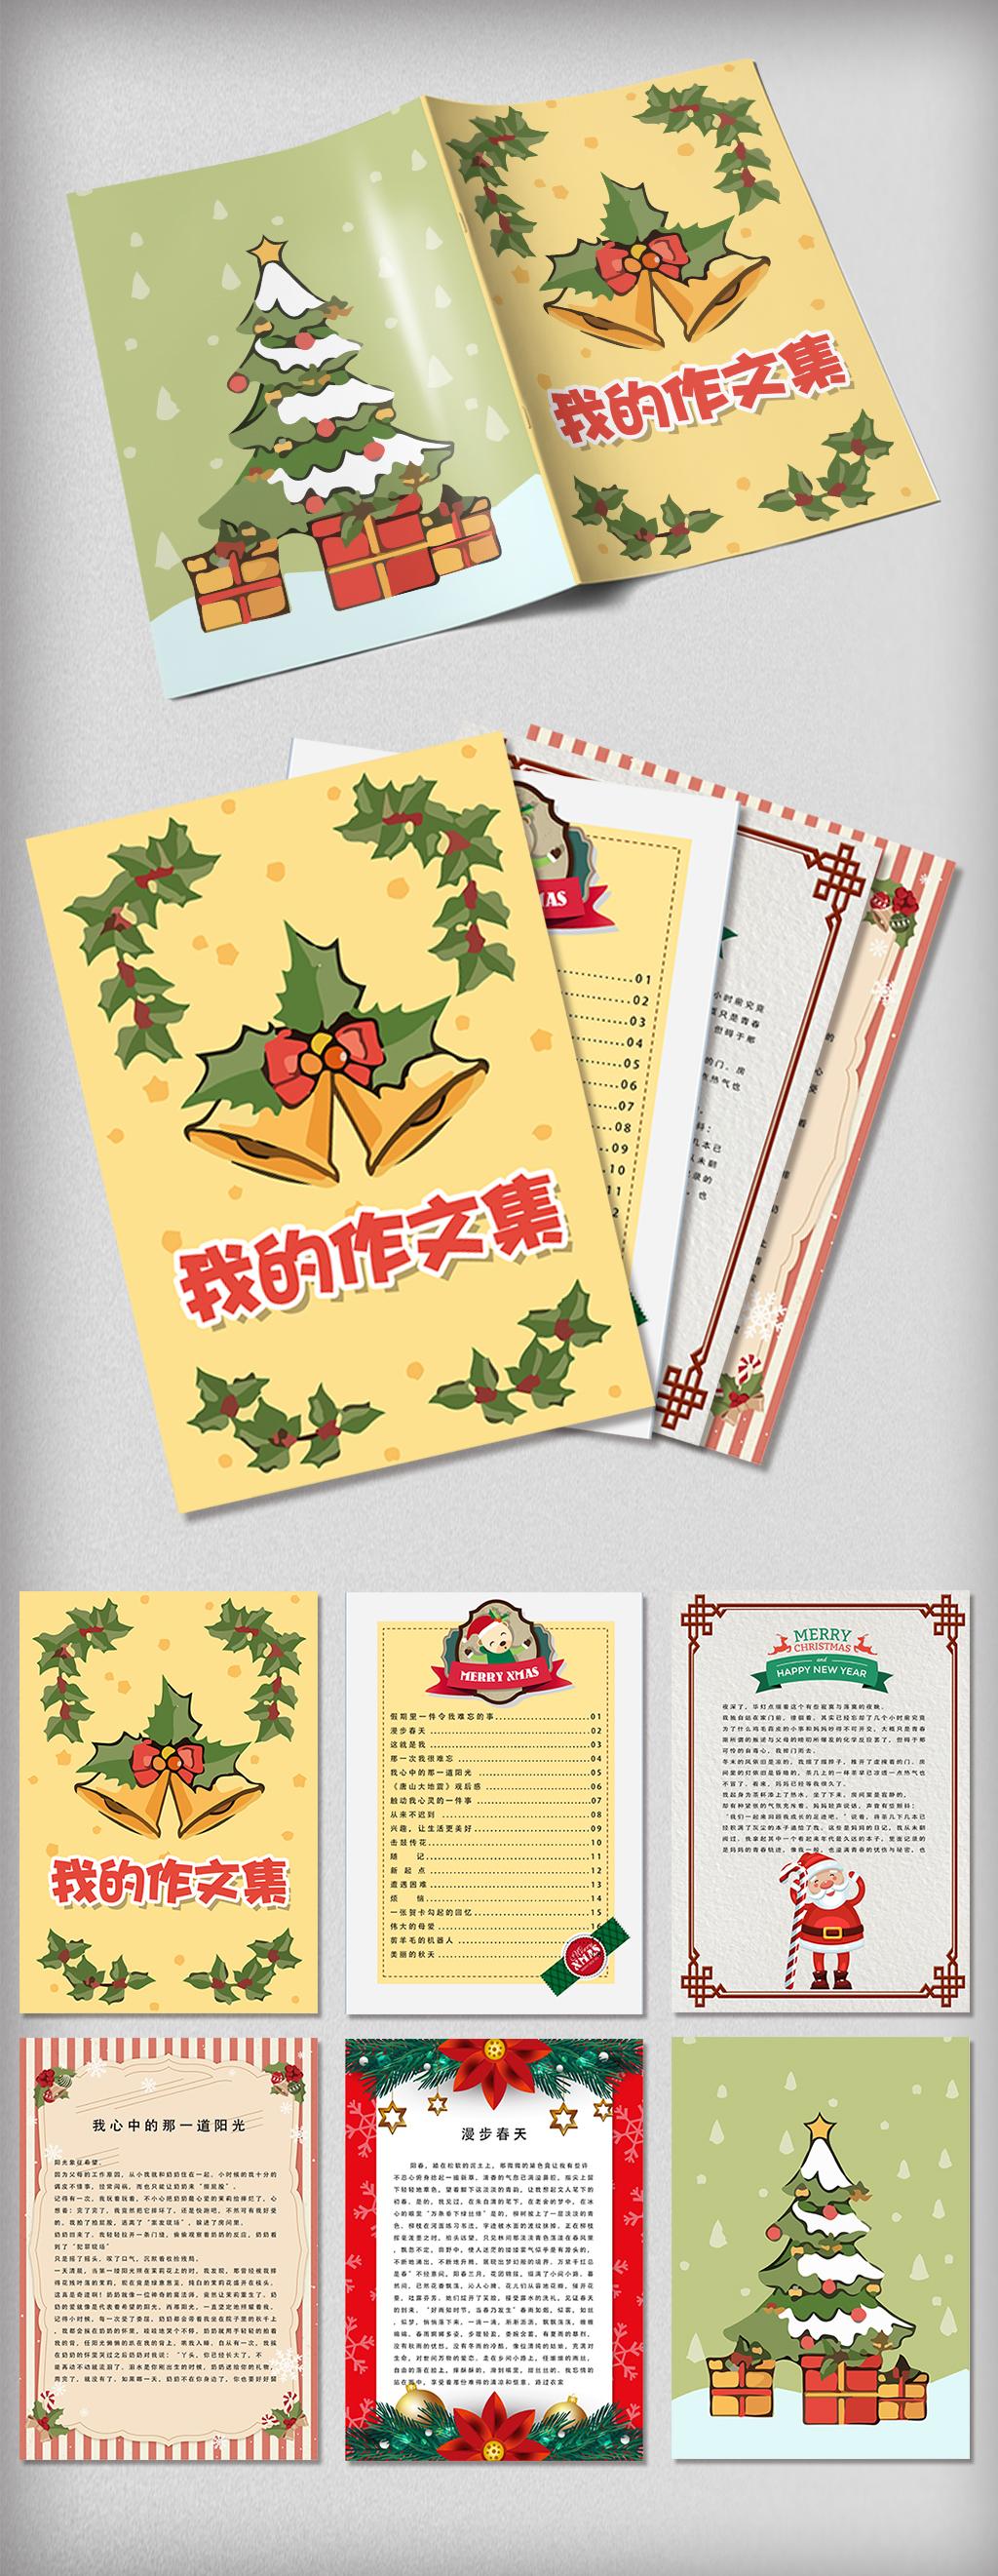 手抄报|小报 读书手抄报 作文集 > 彩色插画风格卡通圣诞节作文集